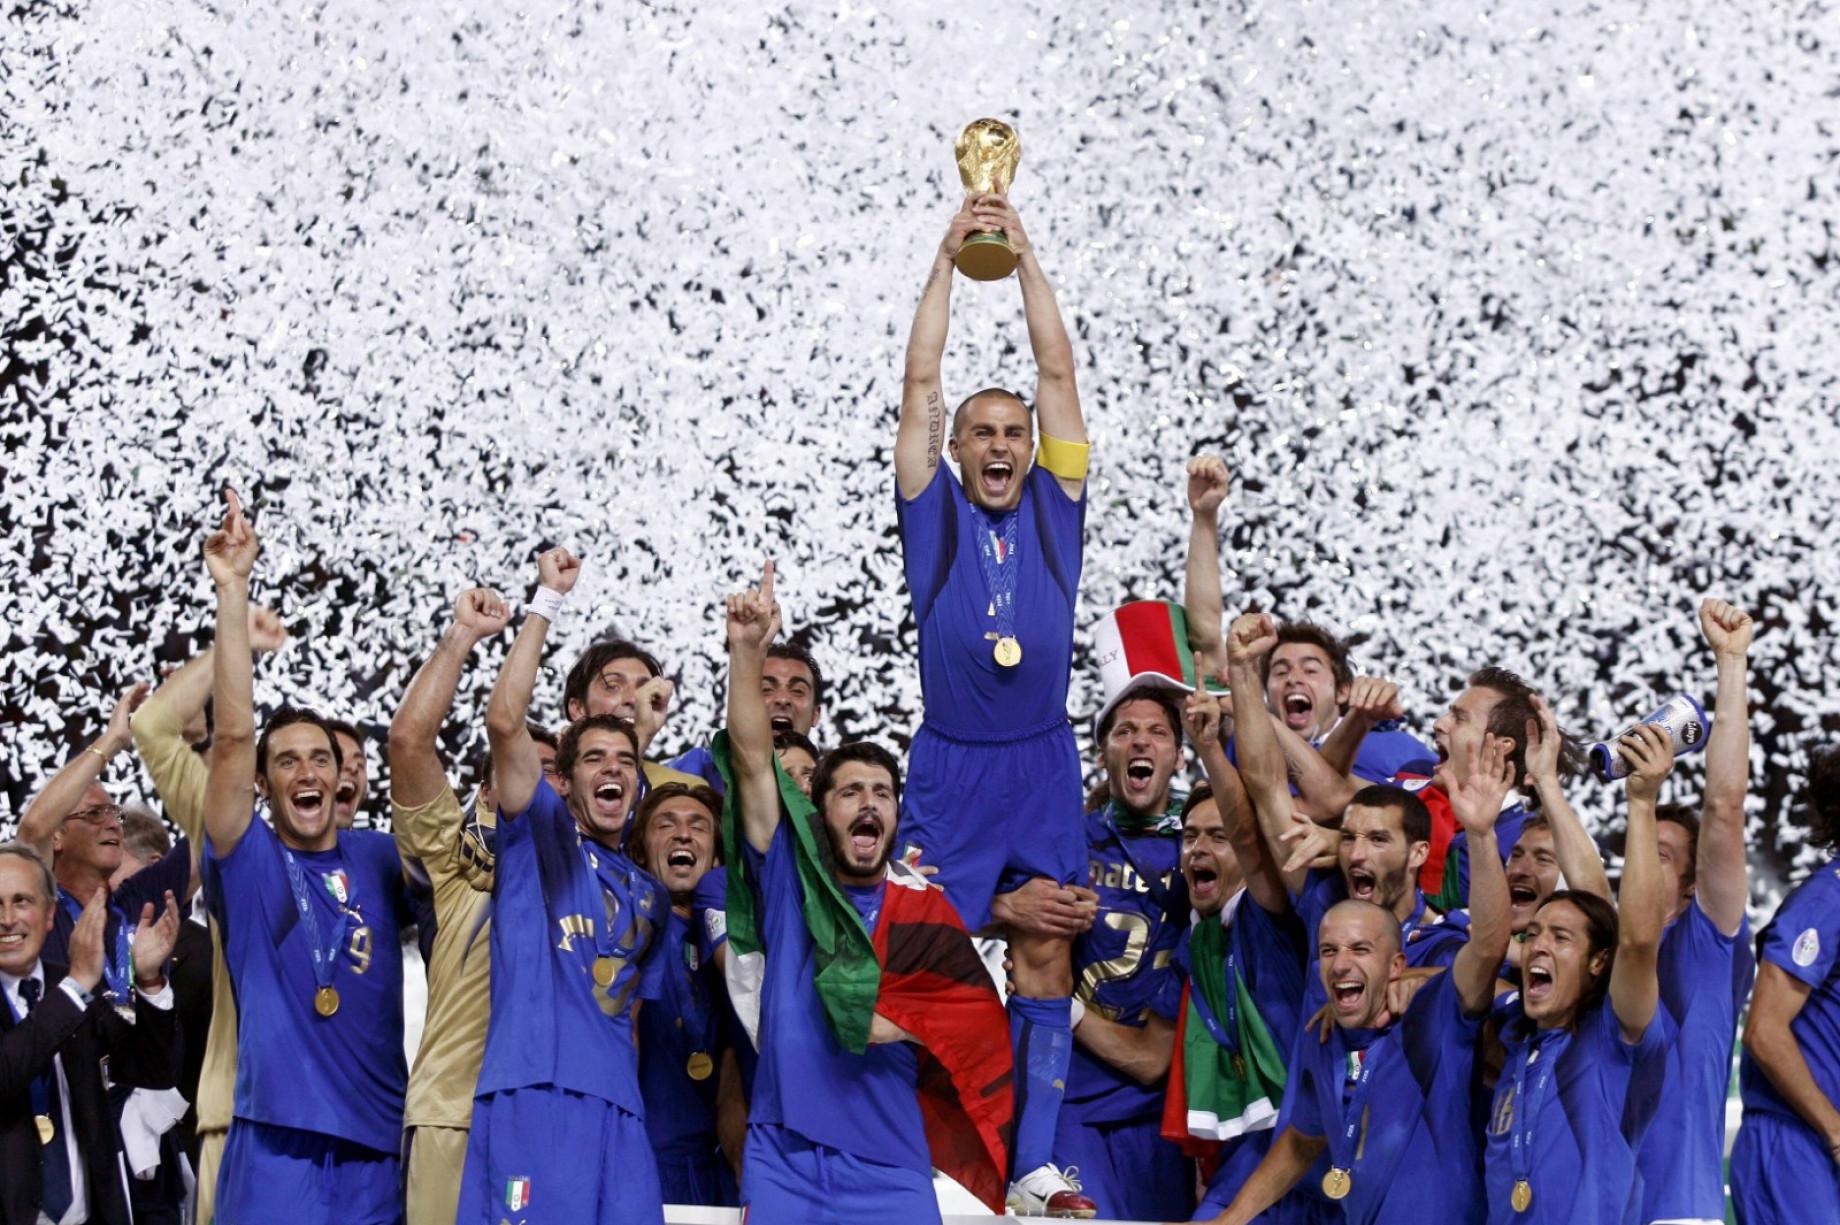 Italia 2006 Cannavaro IMAGE.jpg